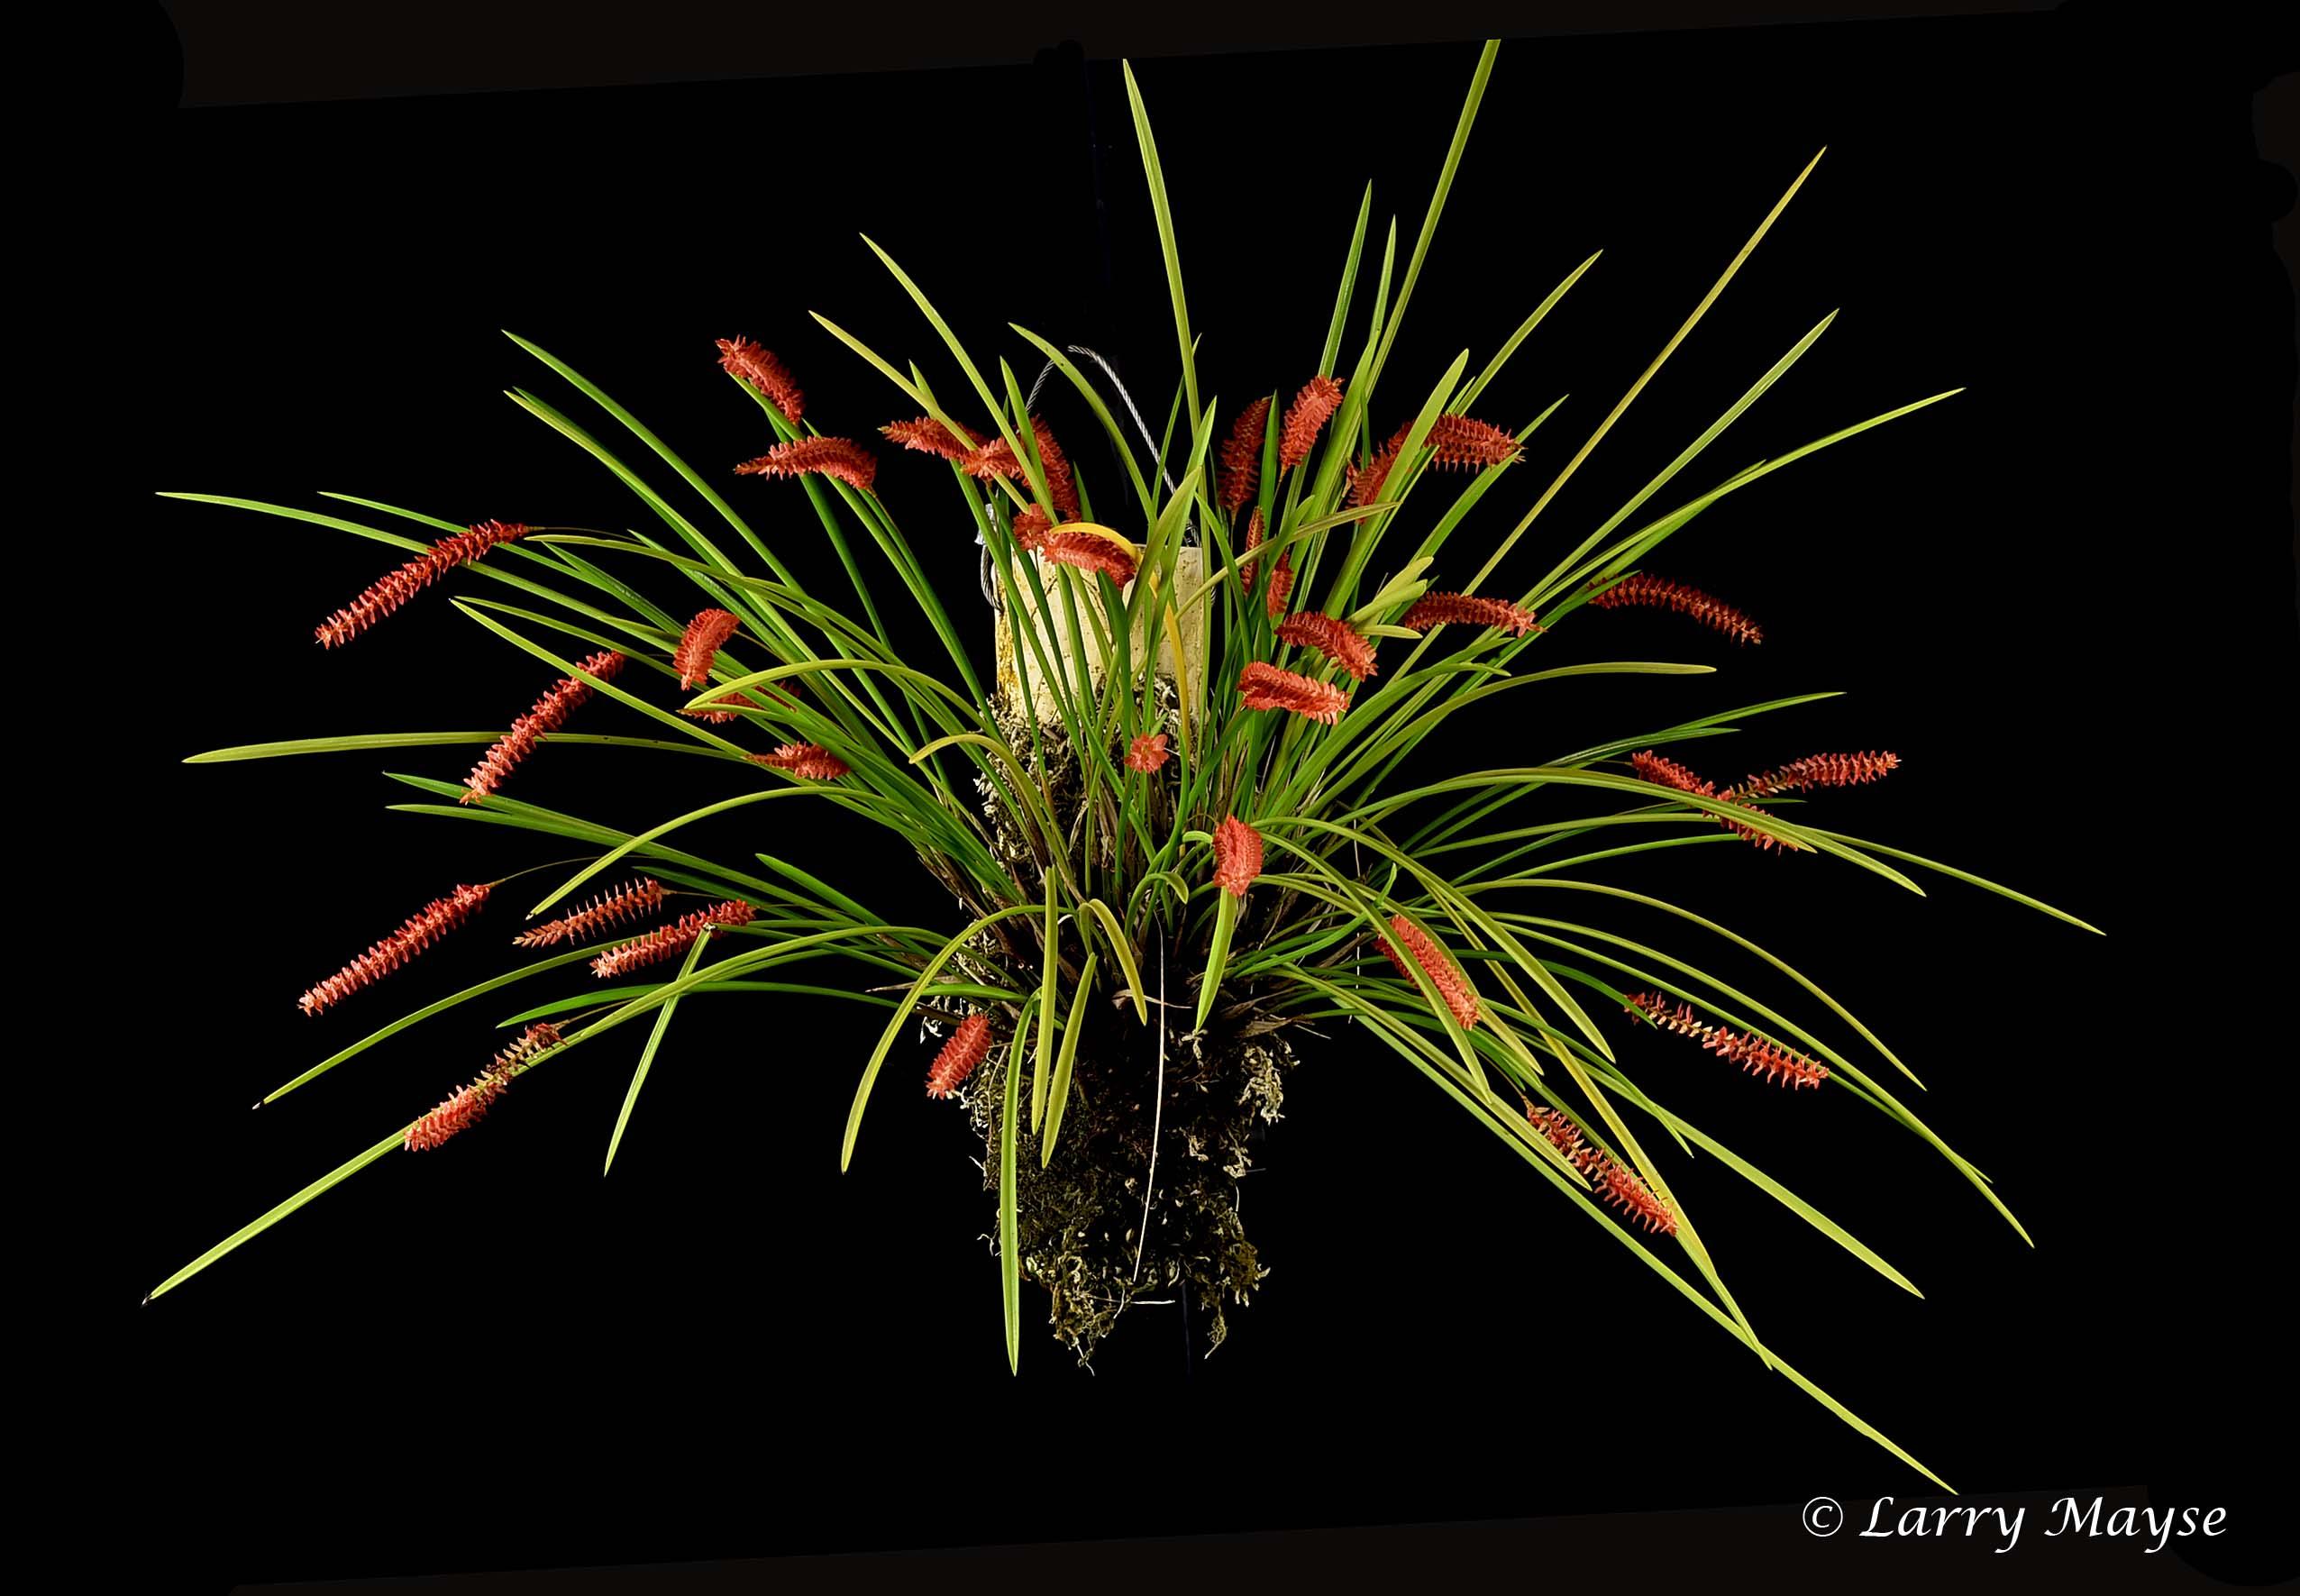 Dendrochilum wenzeli